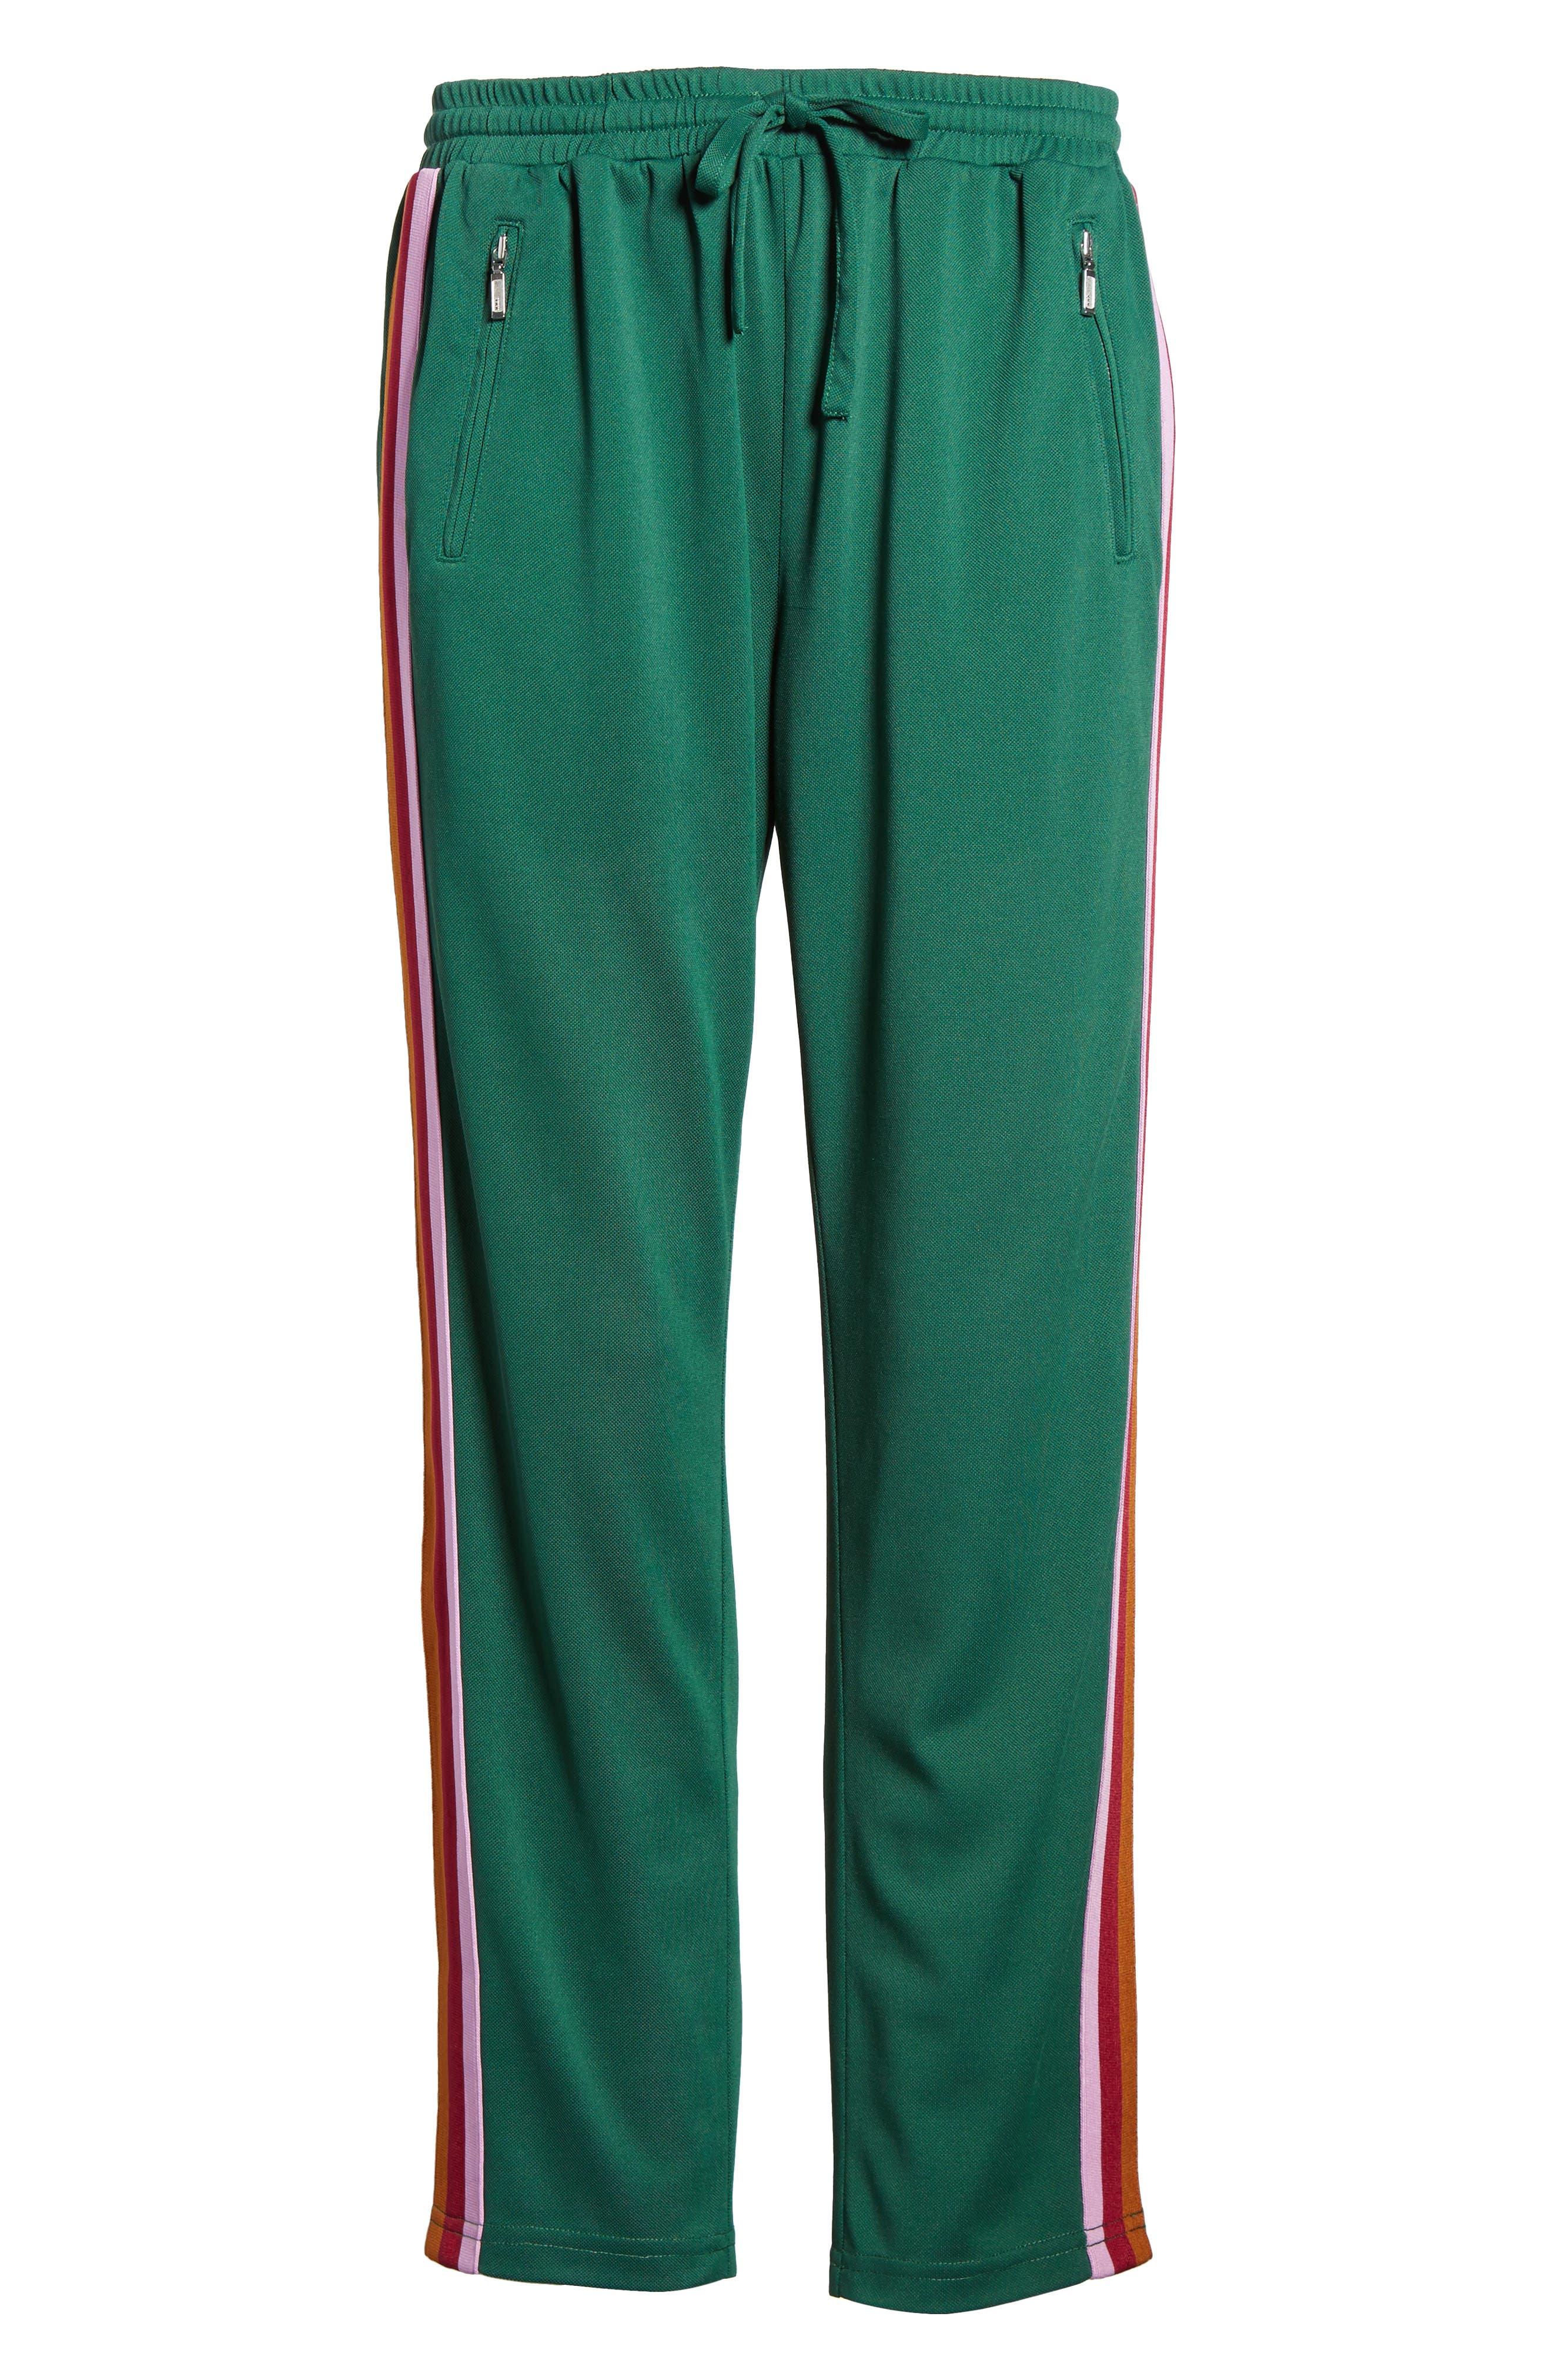 Jolie Crop Pants,                             Alternate thumbnail 7, color,                             EDEN/ PINK